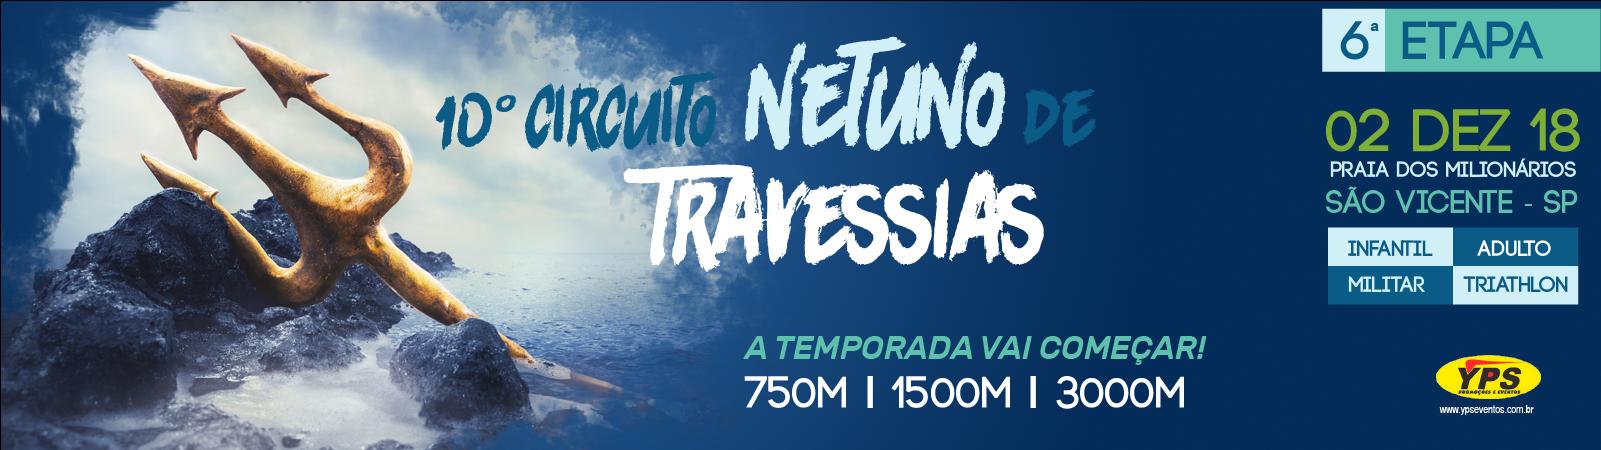 10º CIRCUITO NETUNO DE TRAVESSIAS - Imagem de topo